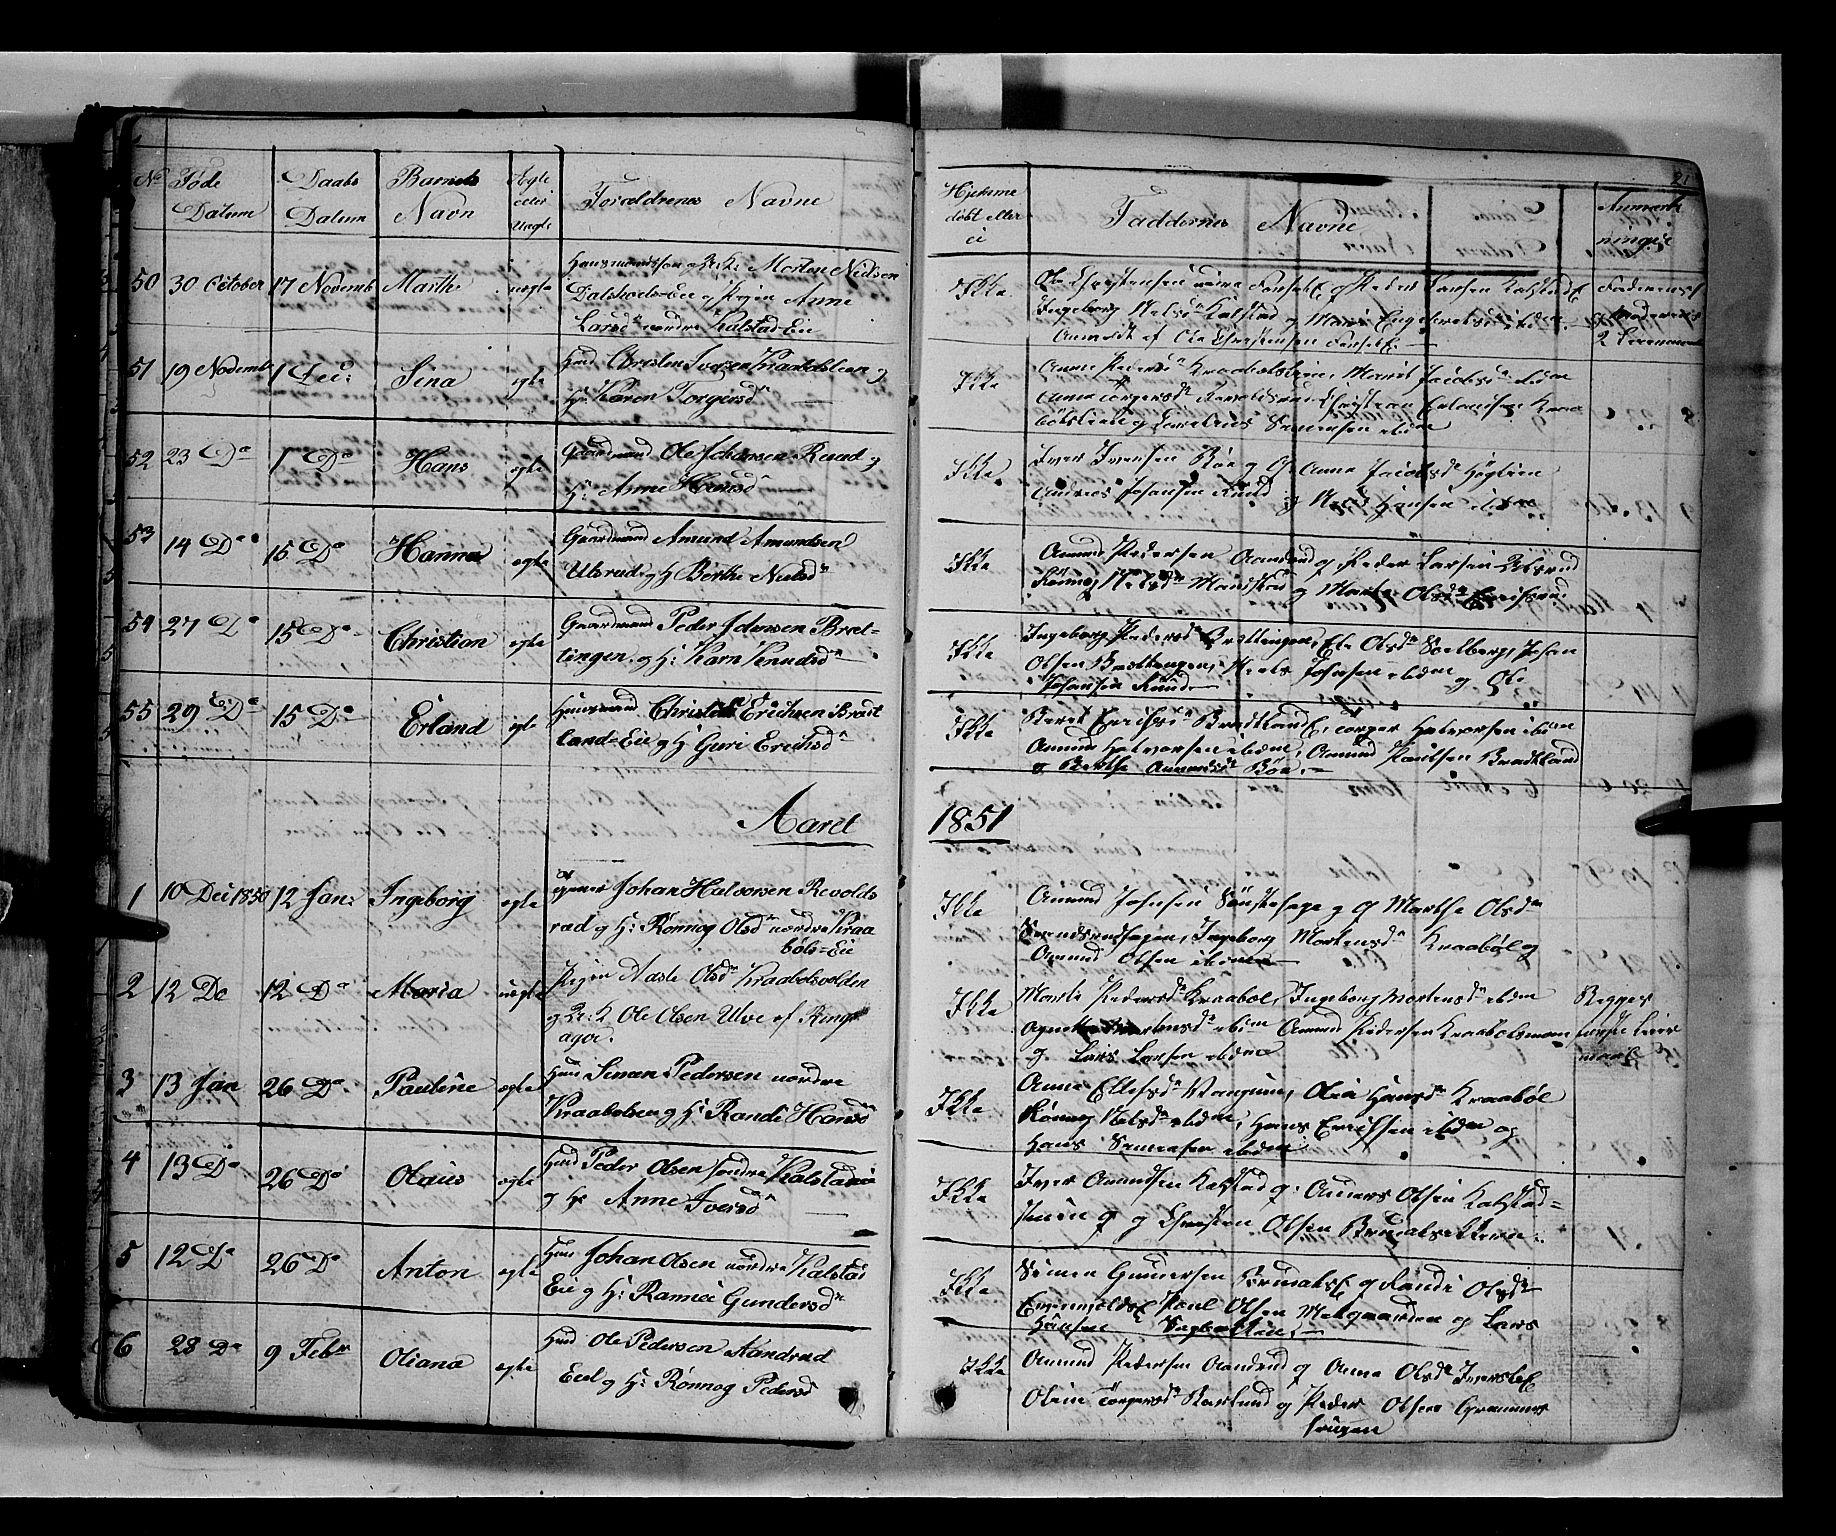 SAH, Gausdal prestekontor, Klokkerbok nr. 5, 1846-1867, s. 21